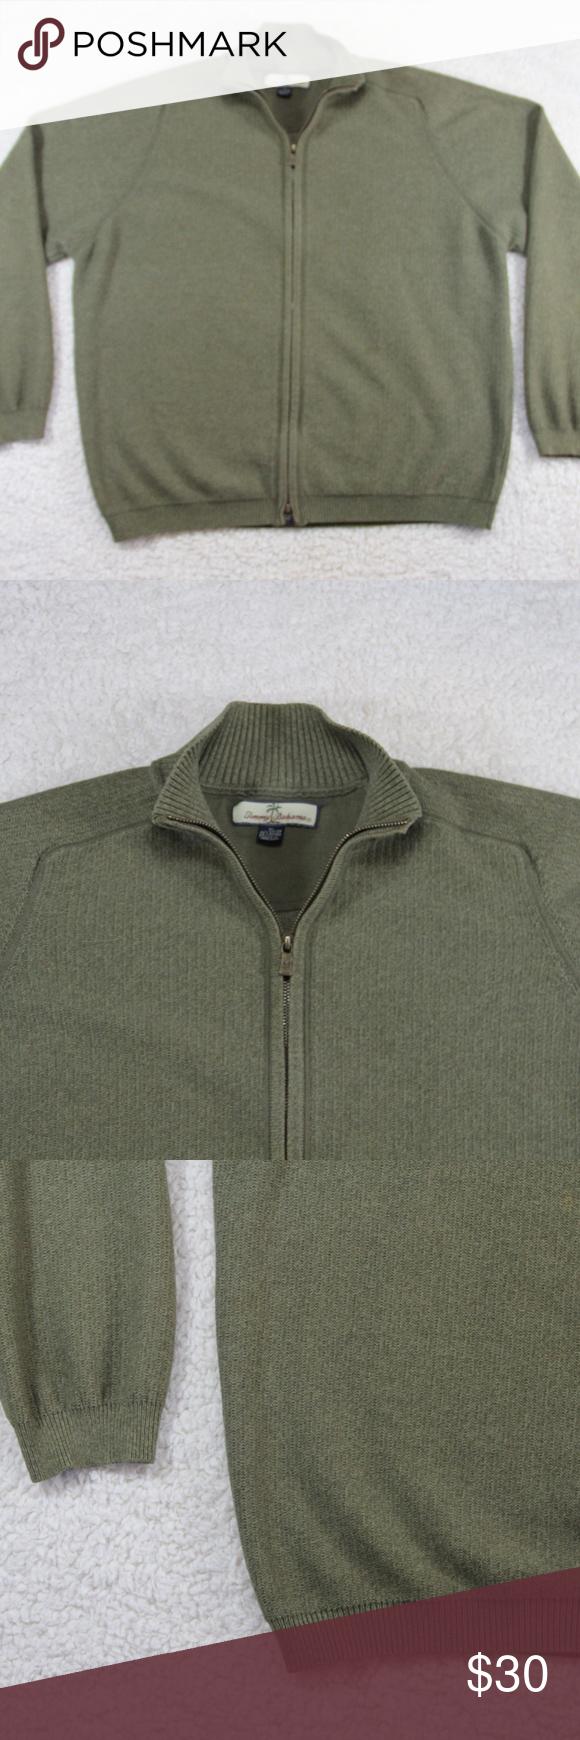 Tommy Bahama Olive Green Zip Sweatshirt Men S Xl Mens Sweatshirts Sweatshirts Tommy Bahama Shirts [ 1740 x 580 Pixel ]